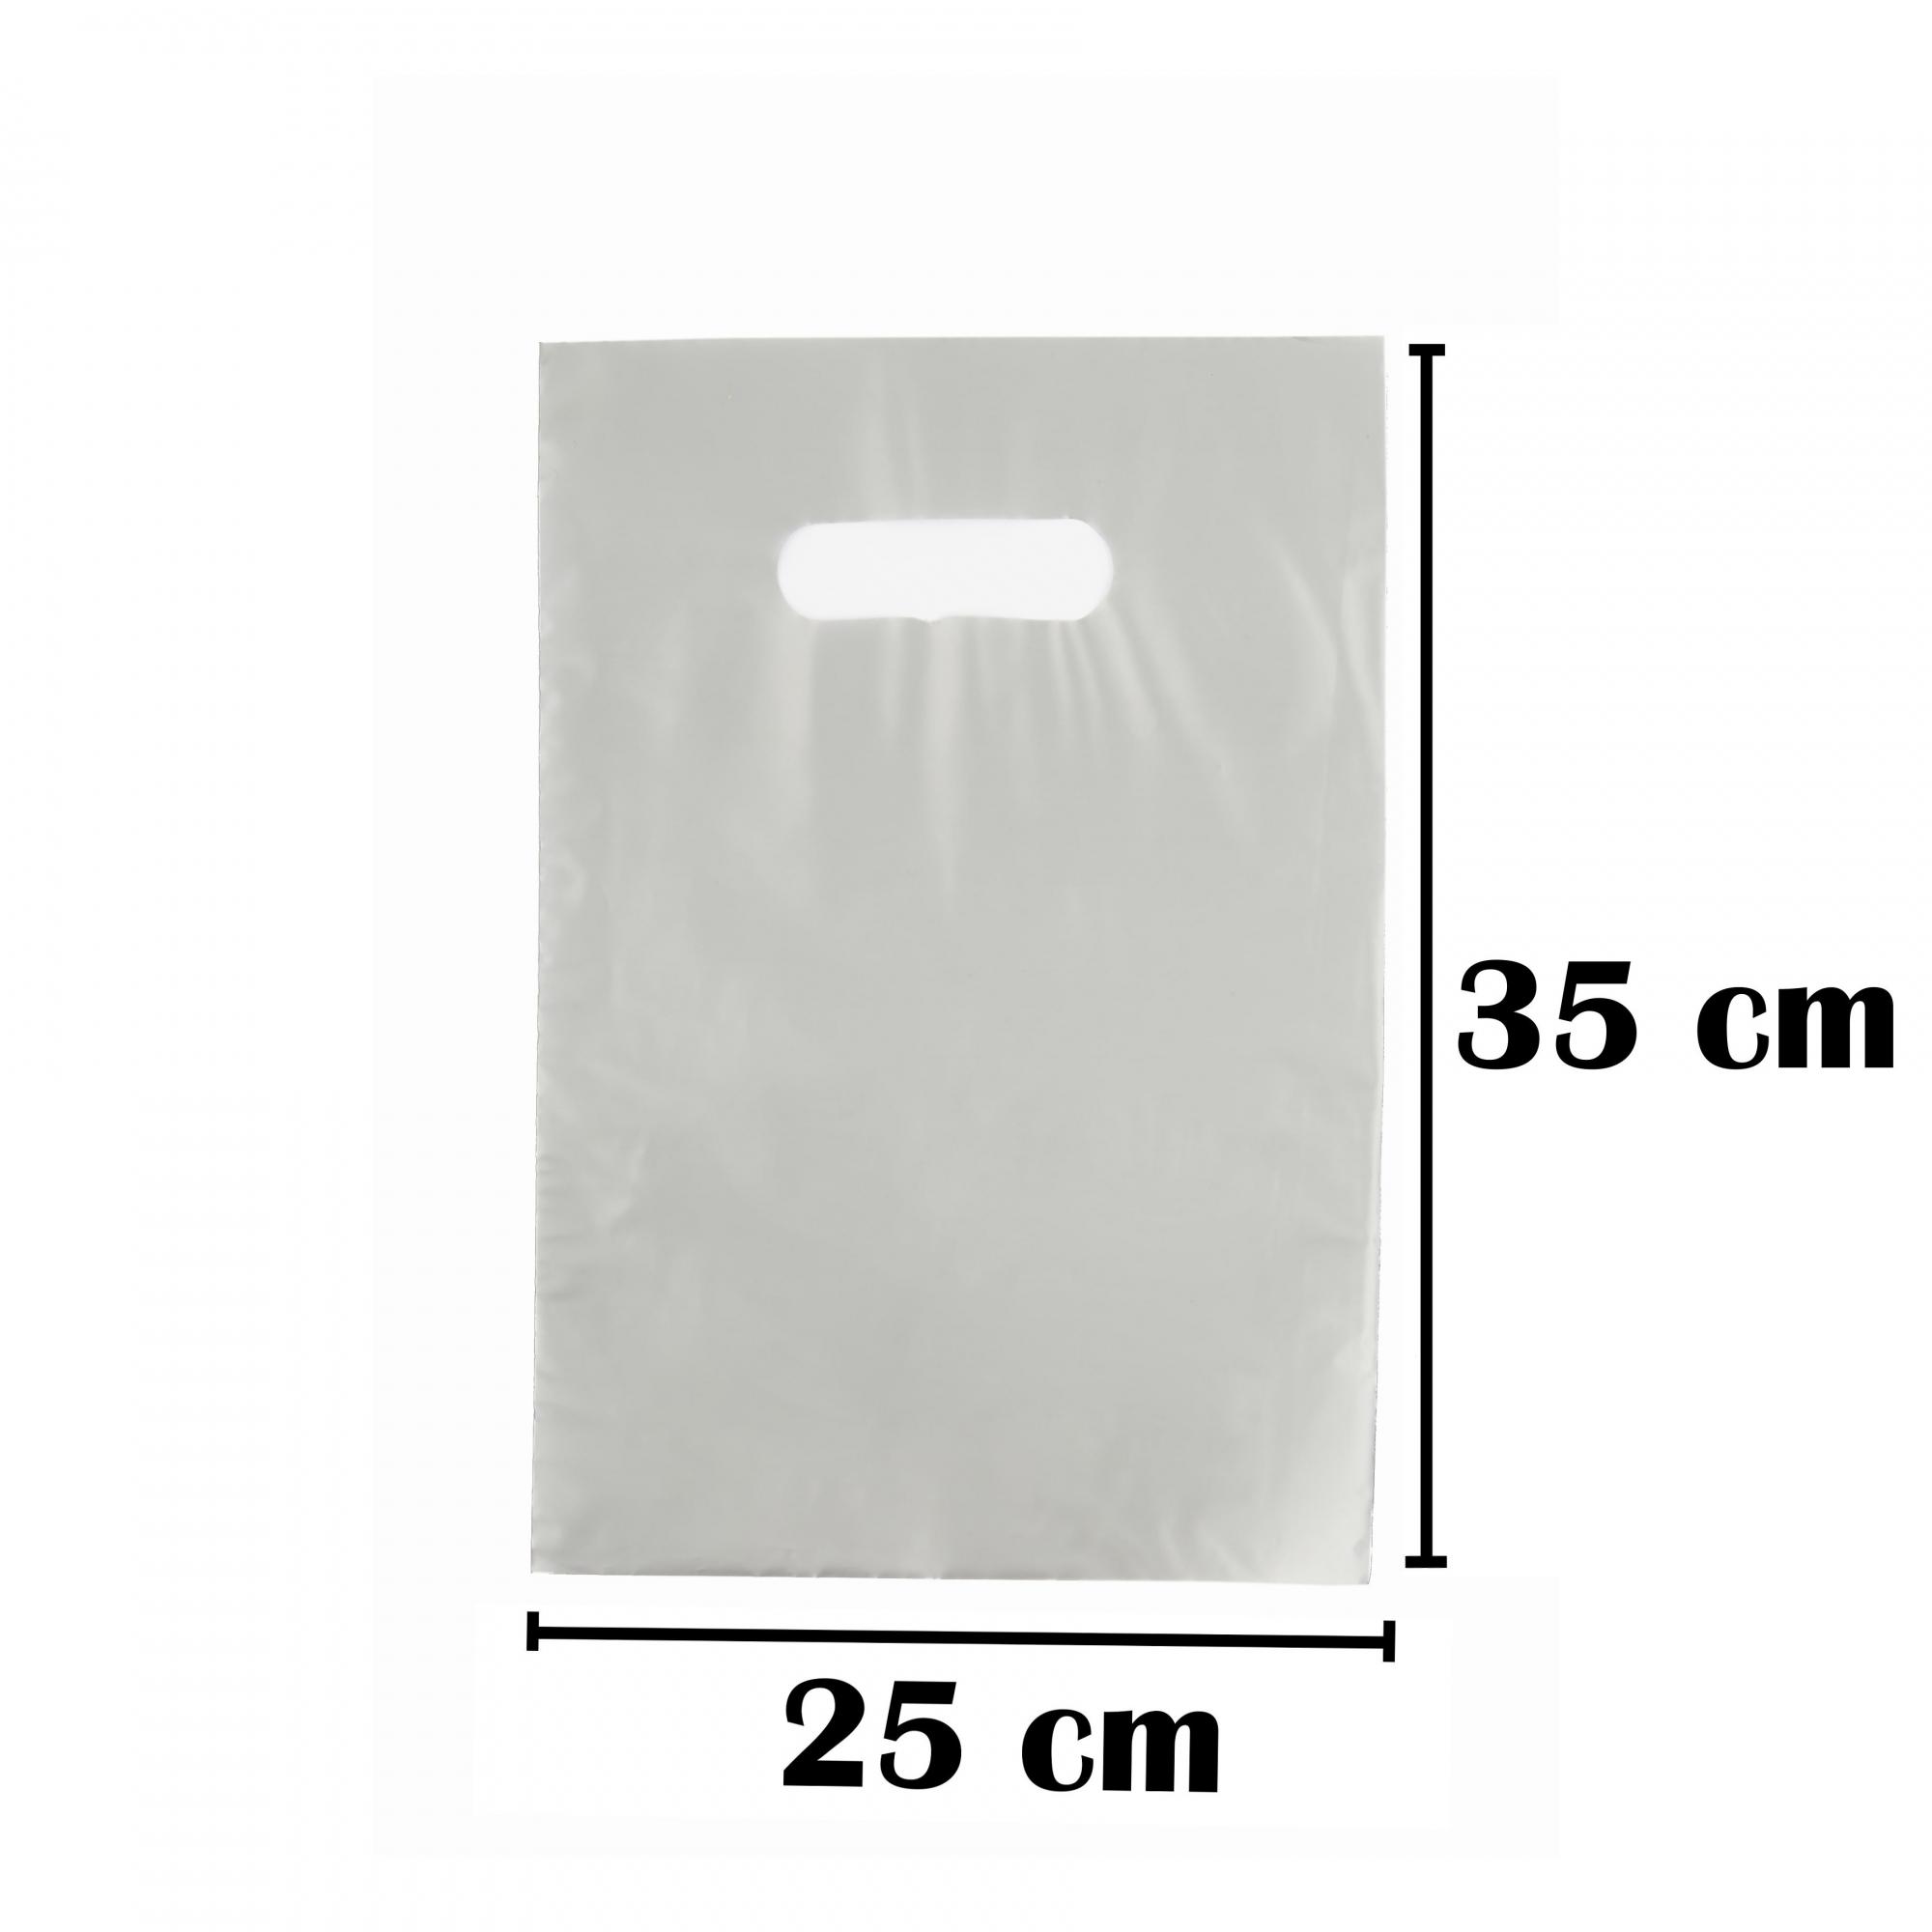 Sacola Plástica 25x35 Prata Alça Boca de Palhaço 100 Unidades